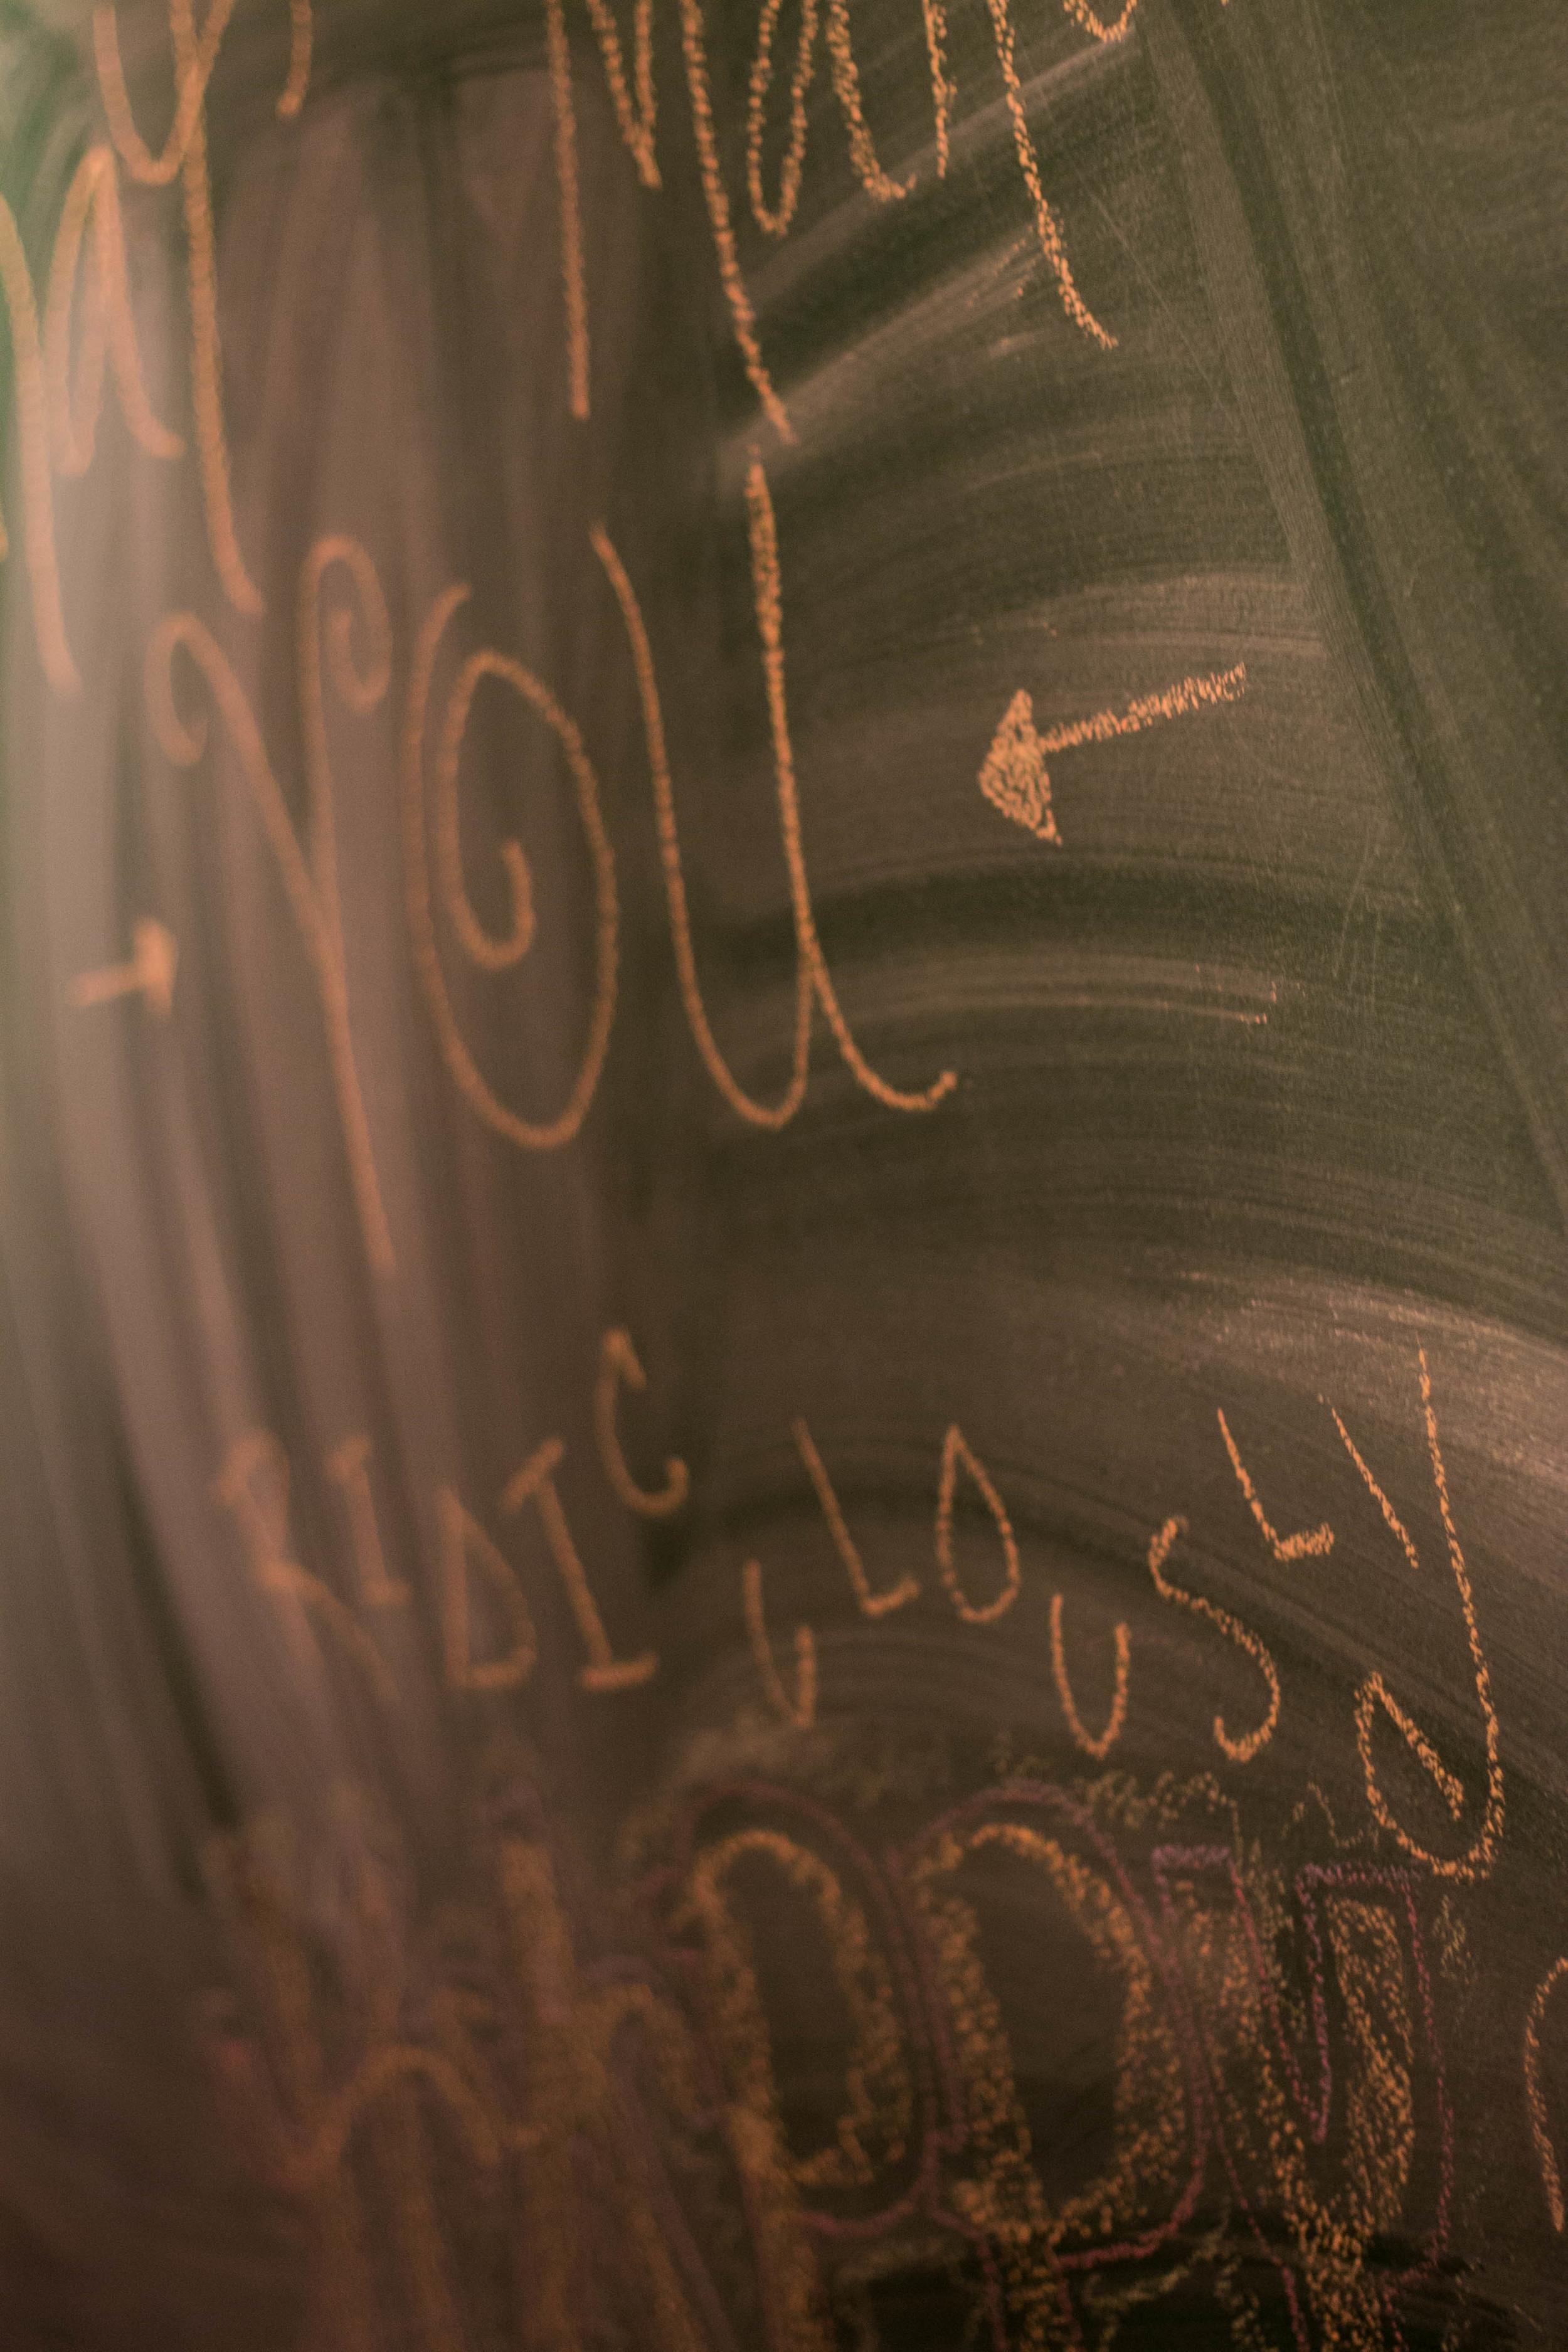 Chalkboard at Cafe Gratitude